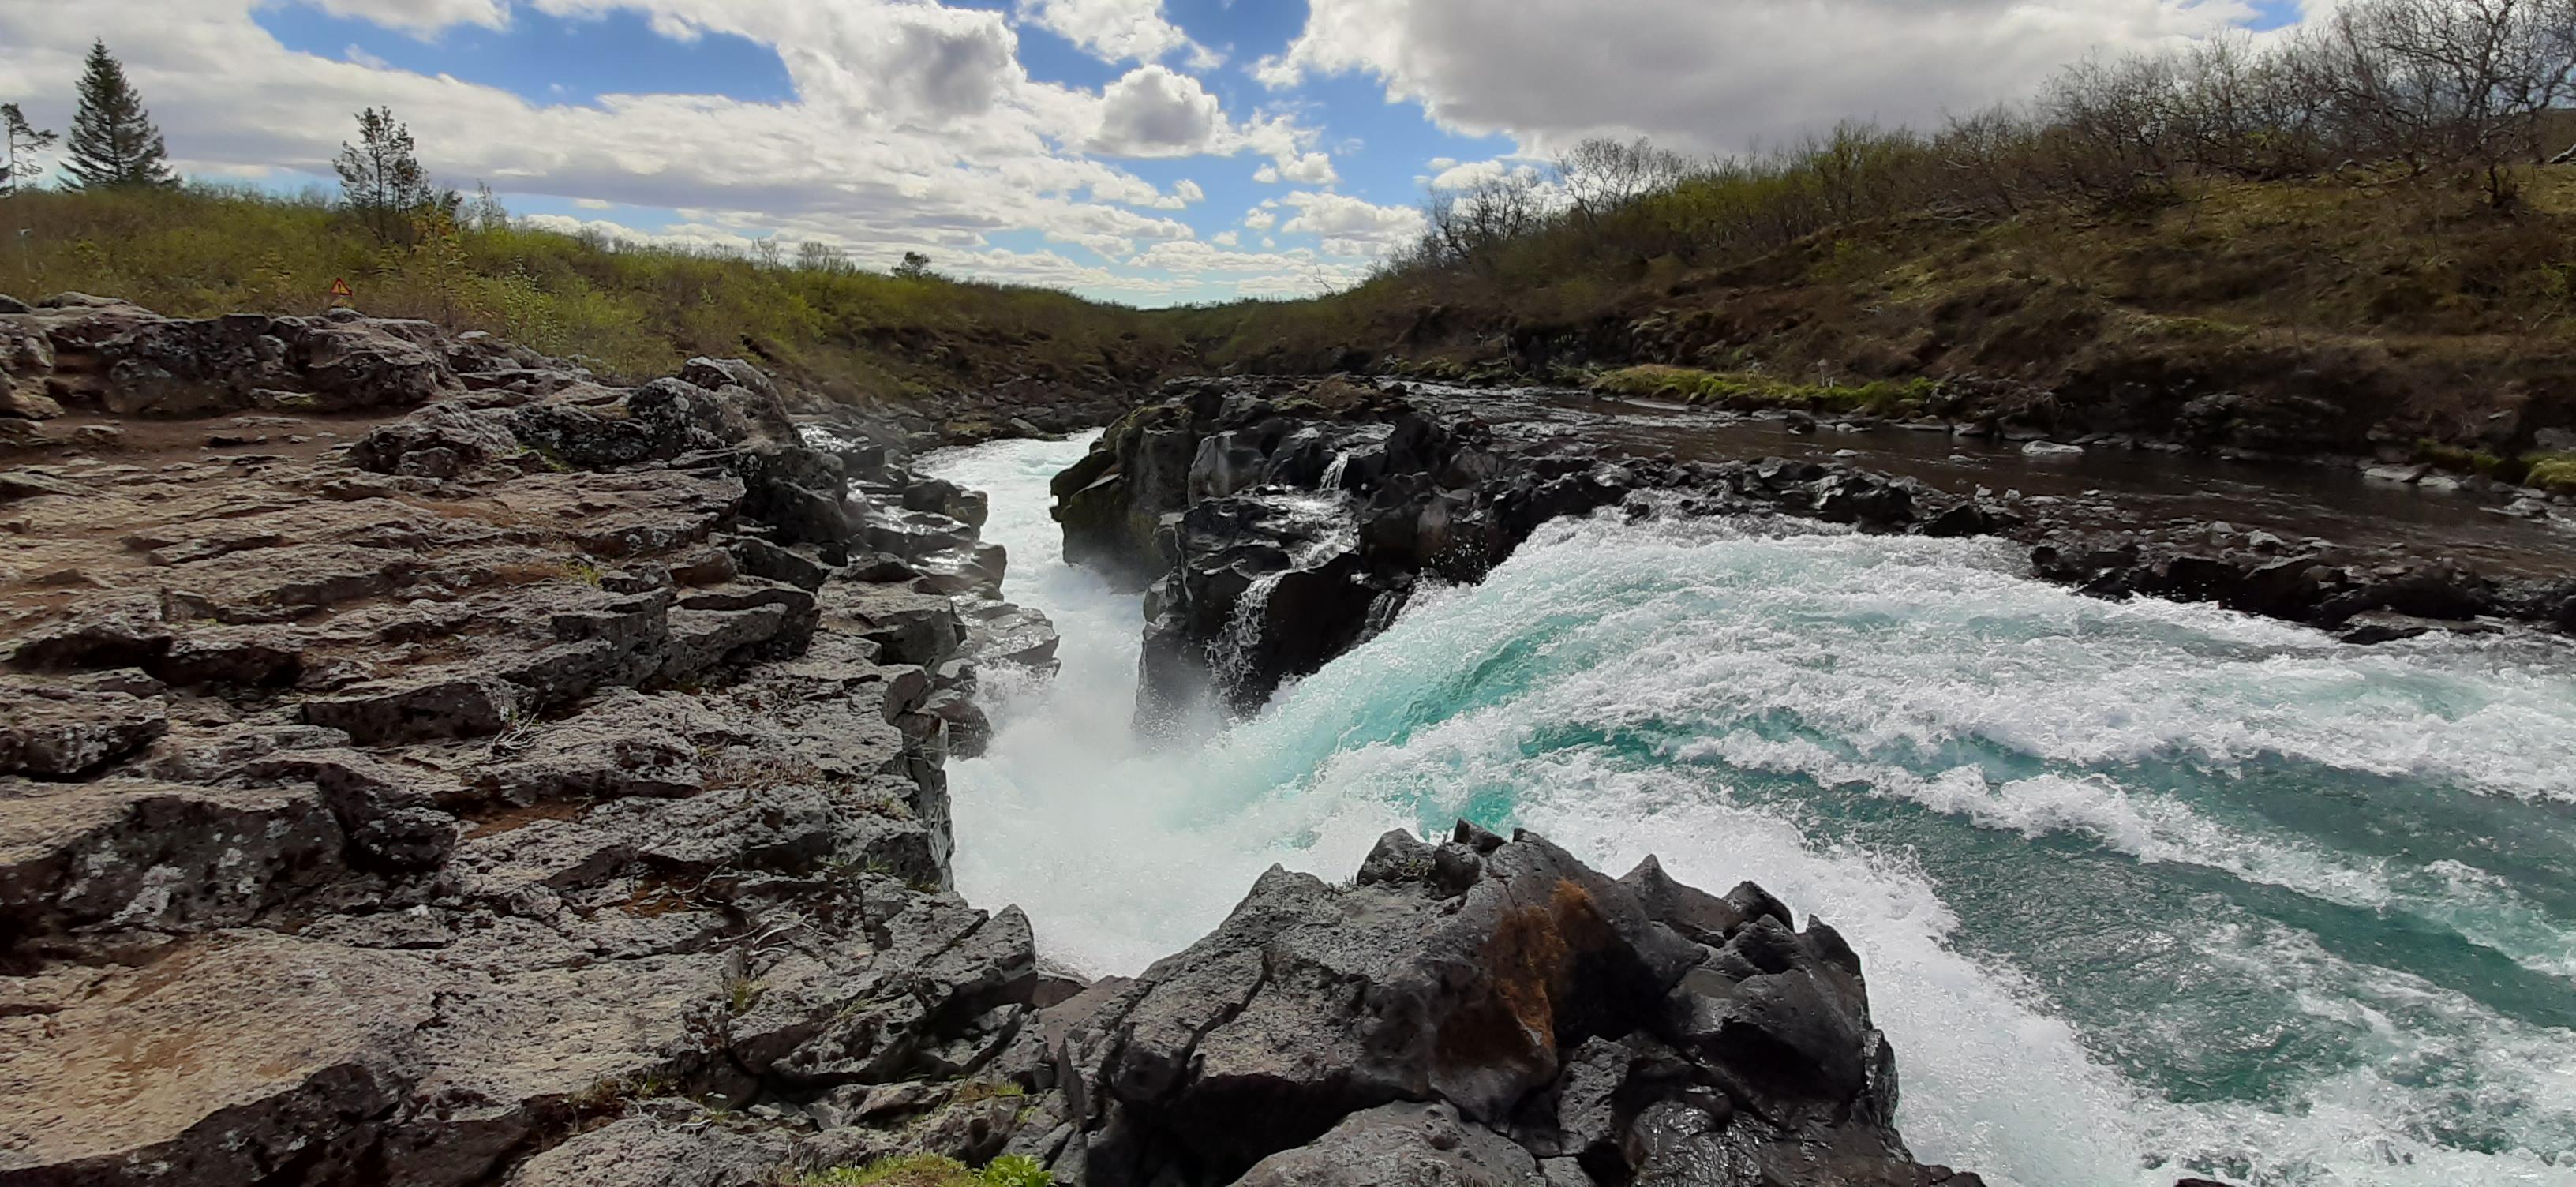 Bruarfoss, Hlauptungufoss & Midfoss, Iceland